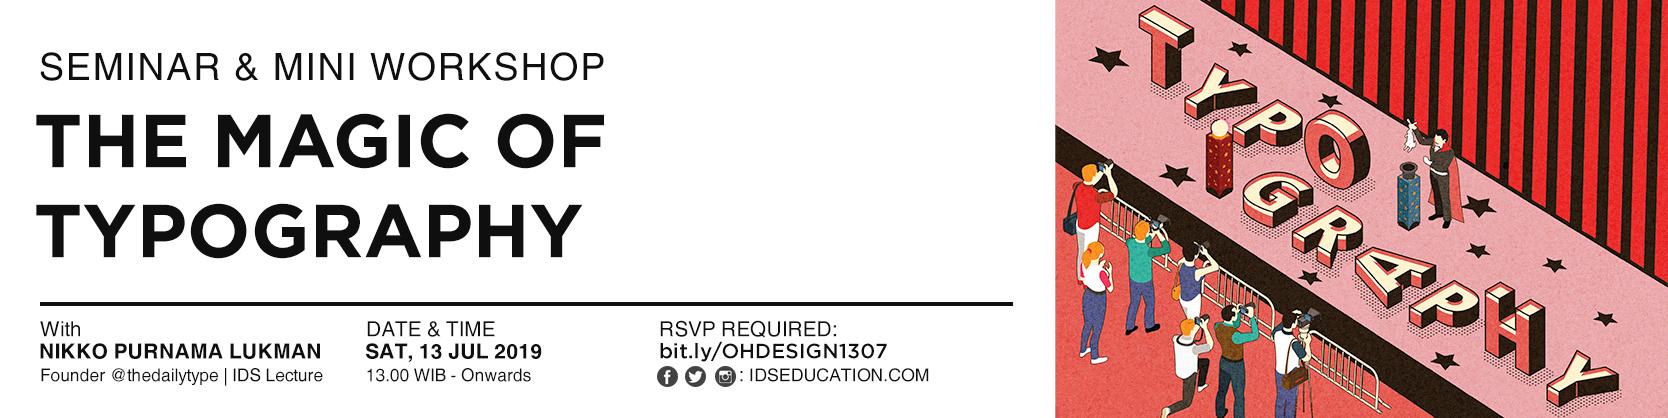 Seminar UX